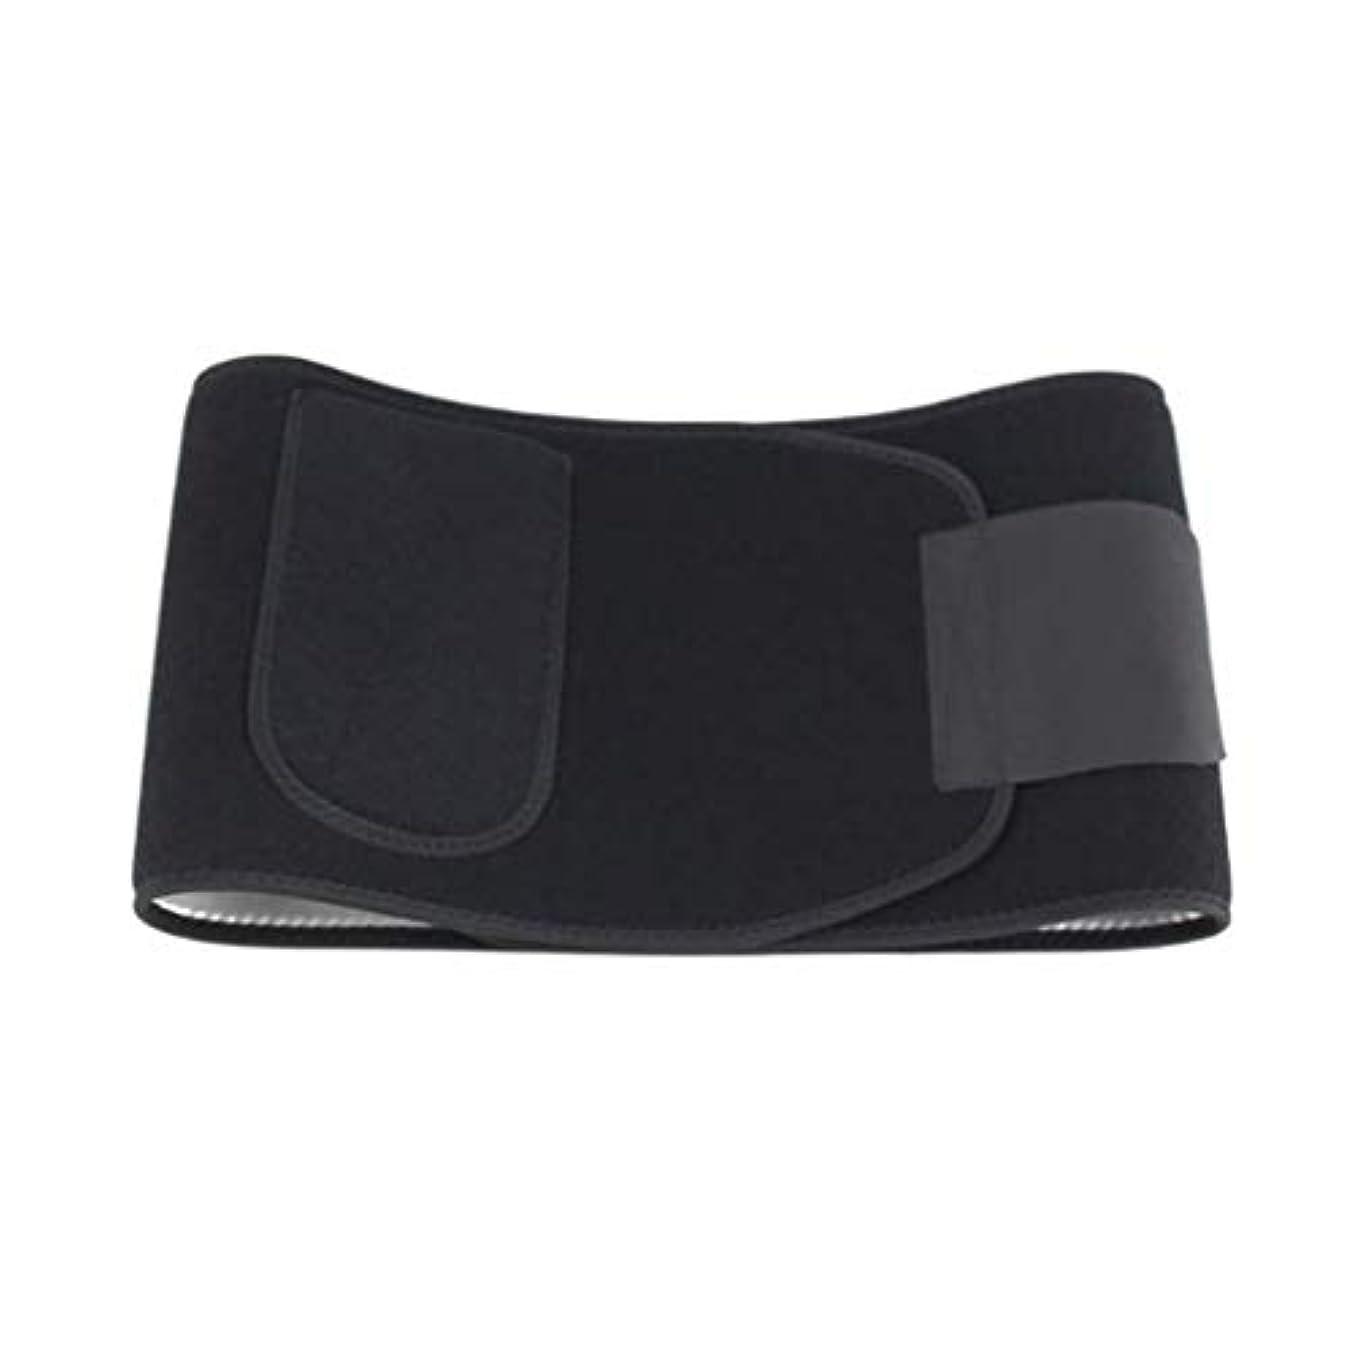 物理的に辛な嵐ウエスト/腰暖かいベルト、携帯用バックサポートベルト、ワーキング/スポーツ/フィットネスのために適切な弾性シェーピングスリミングスポーツベルト、